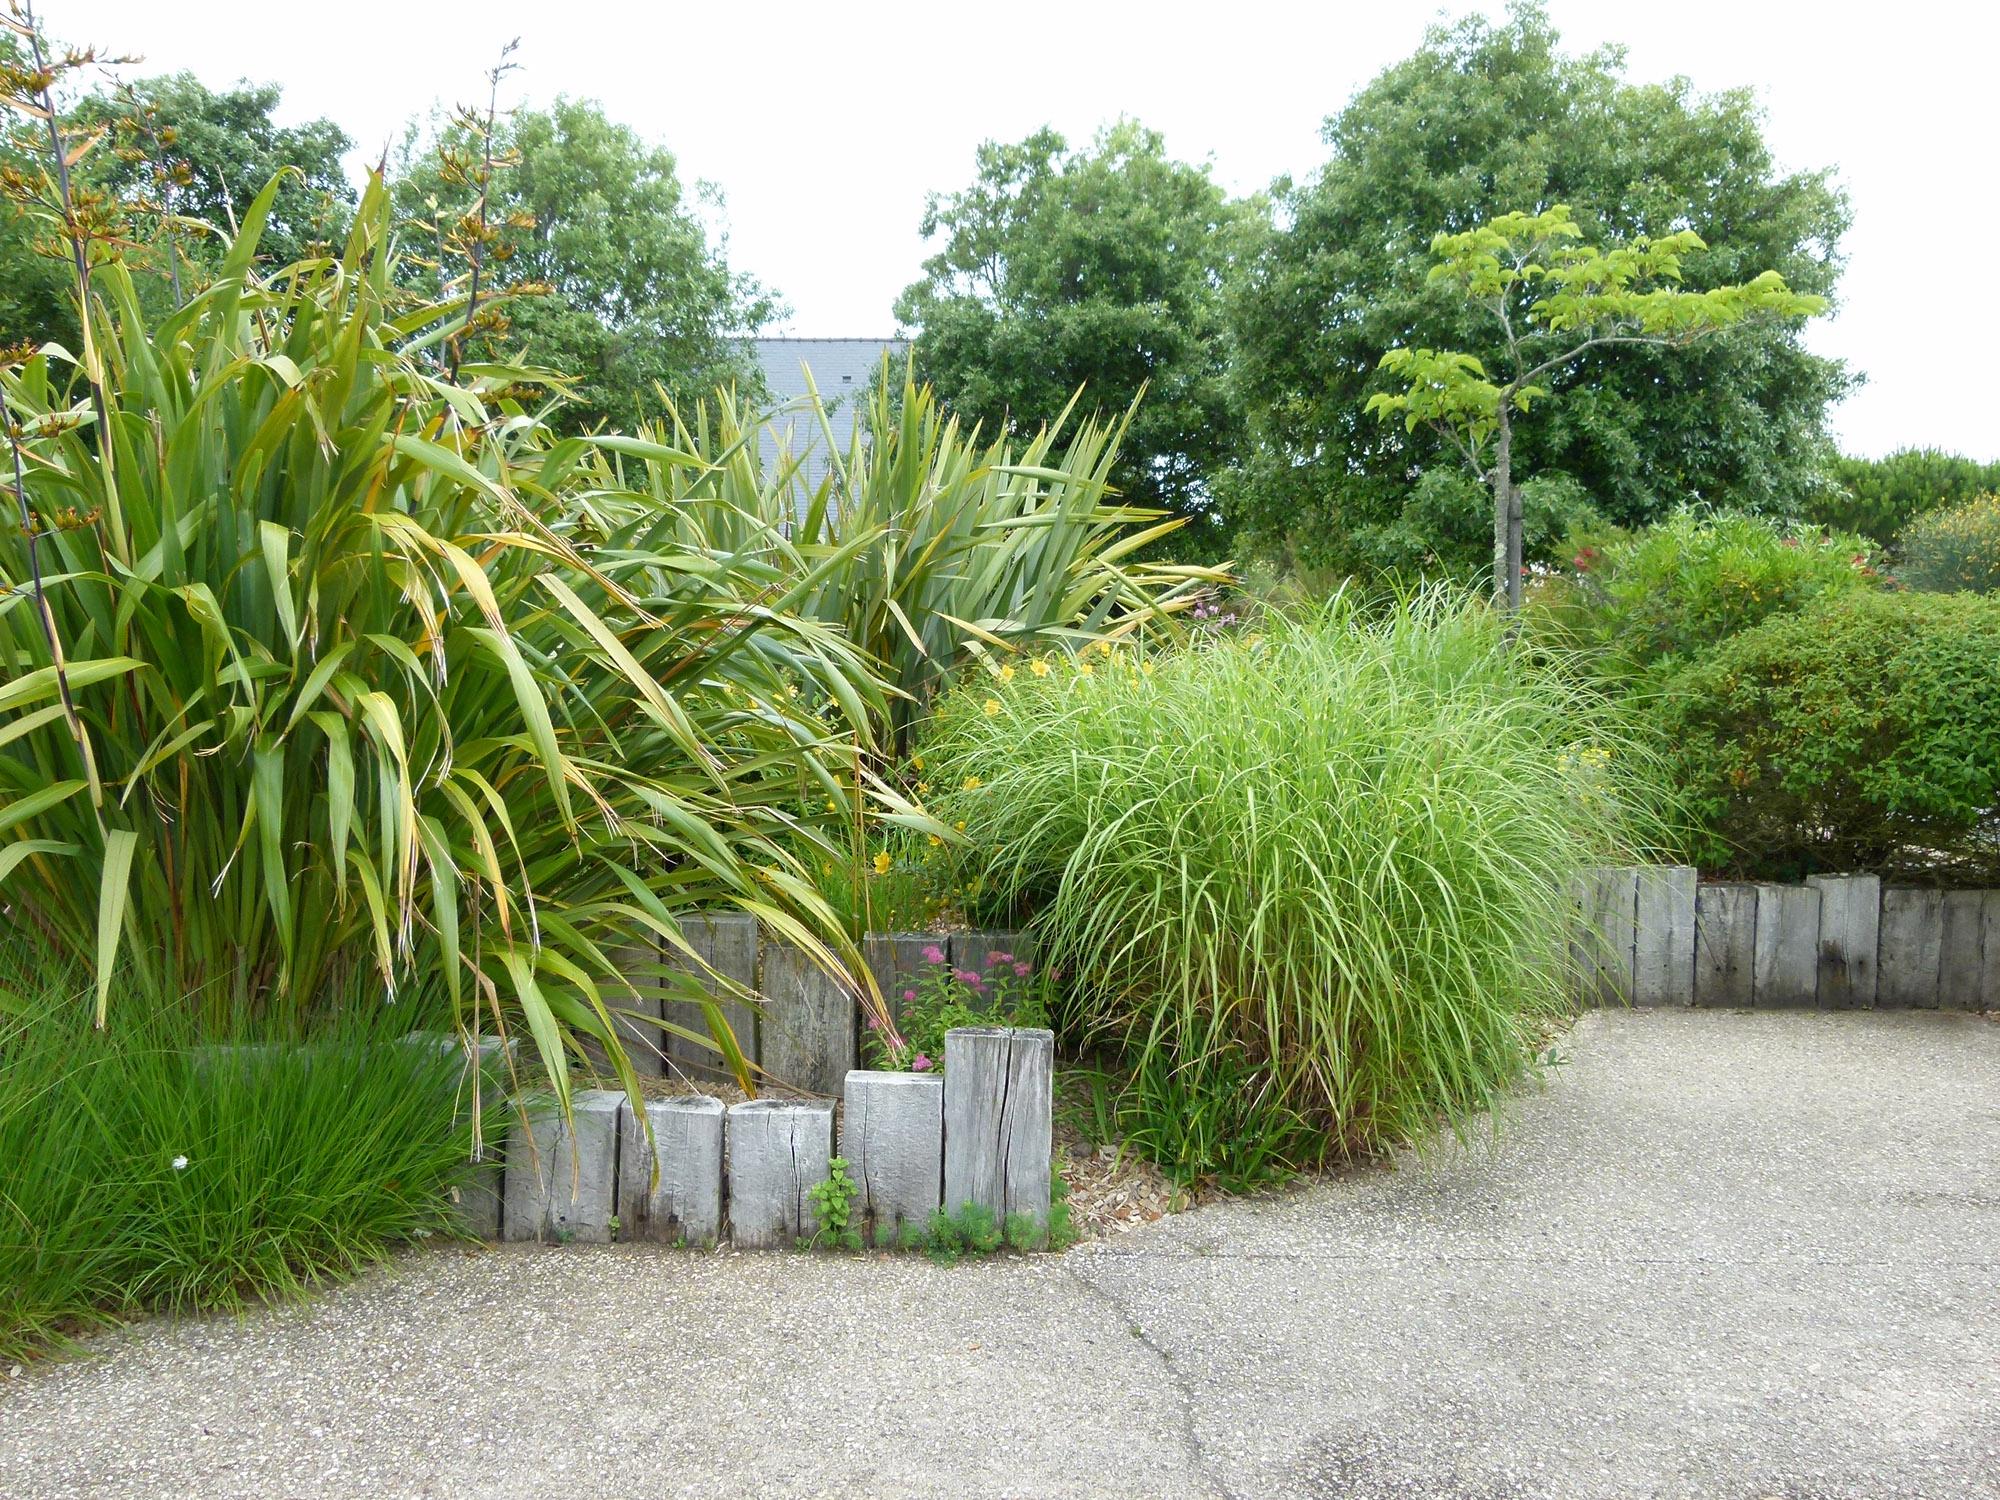 Entretien des v g taux dreamis for Entretien jardin obligation